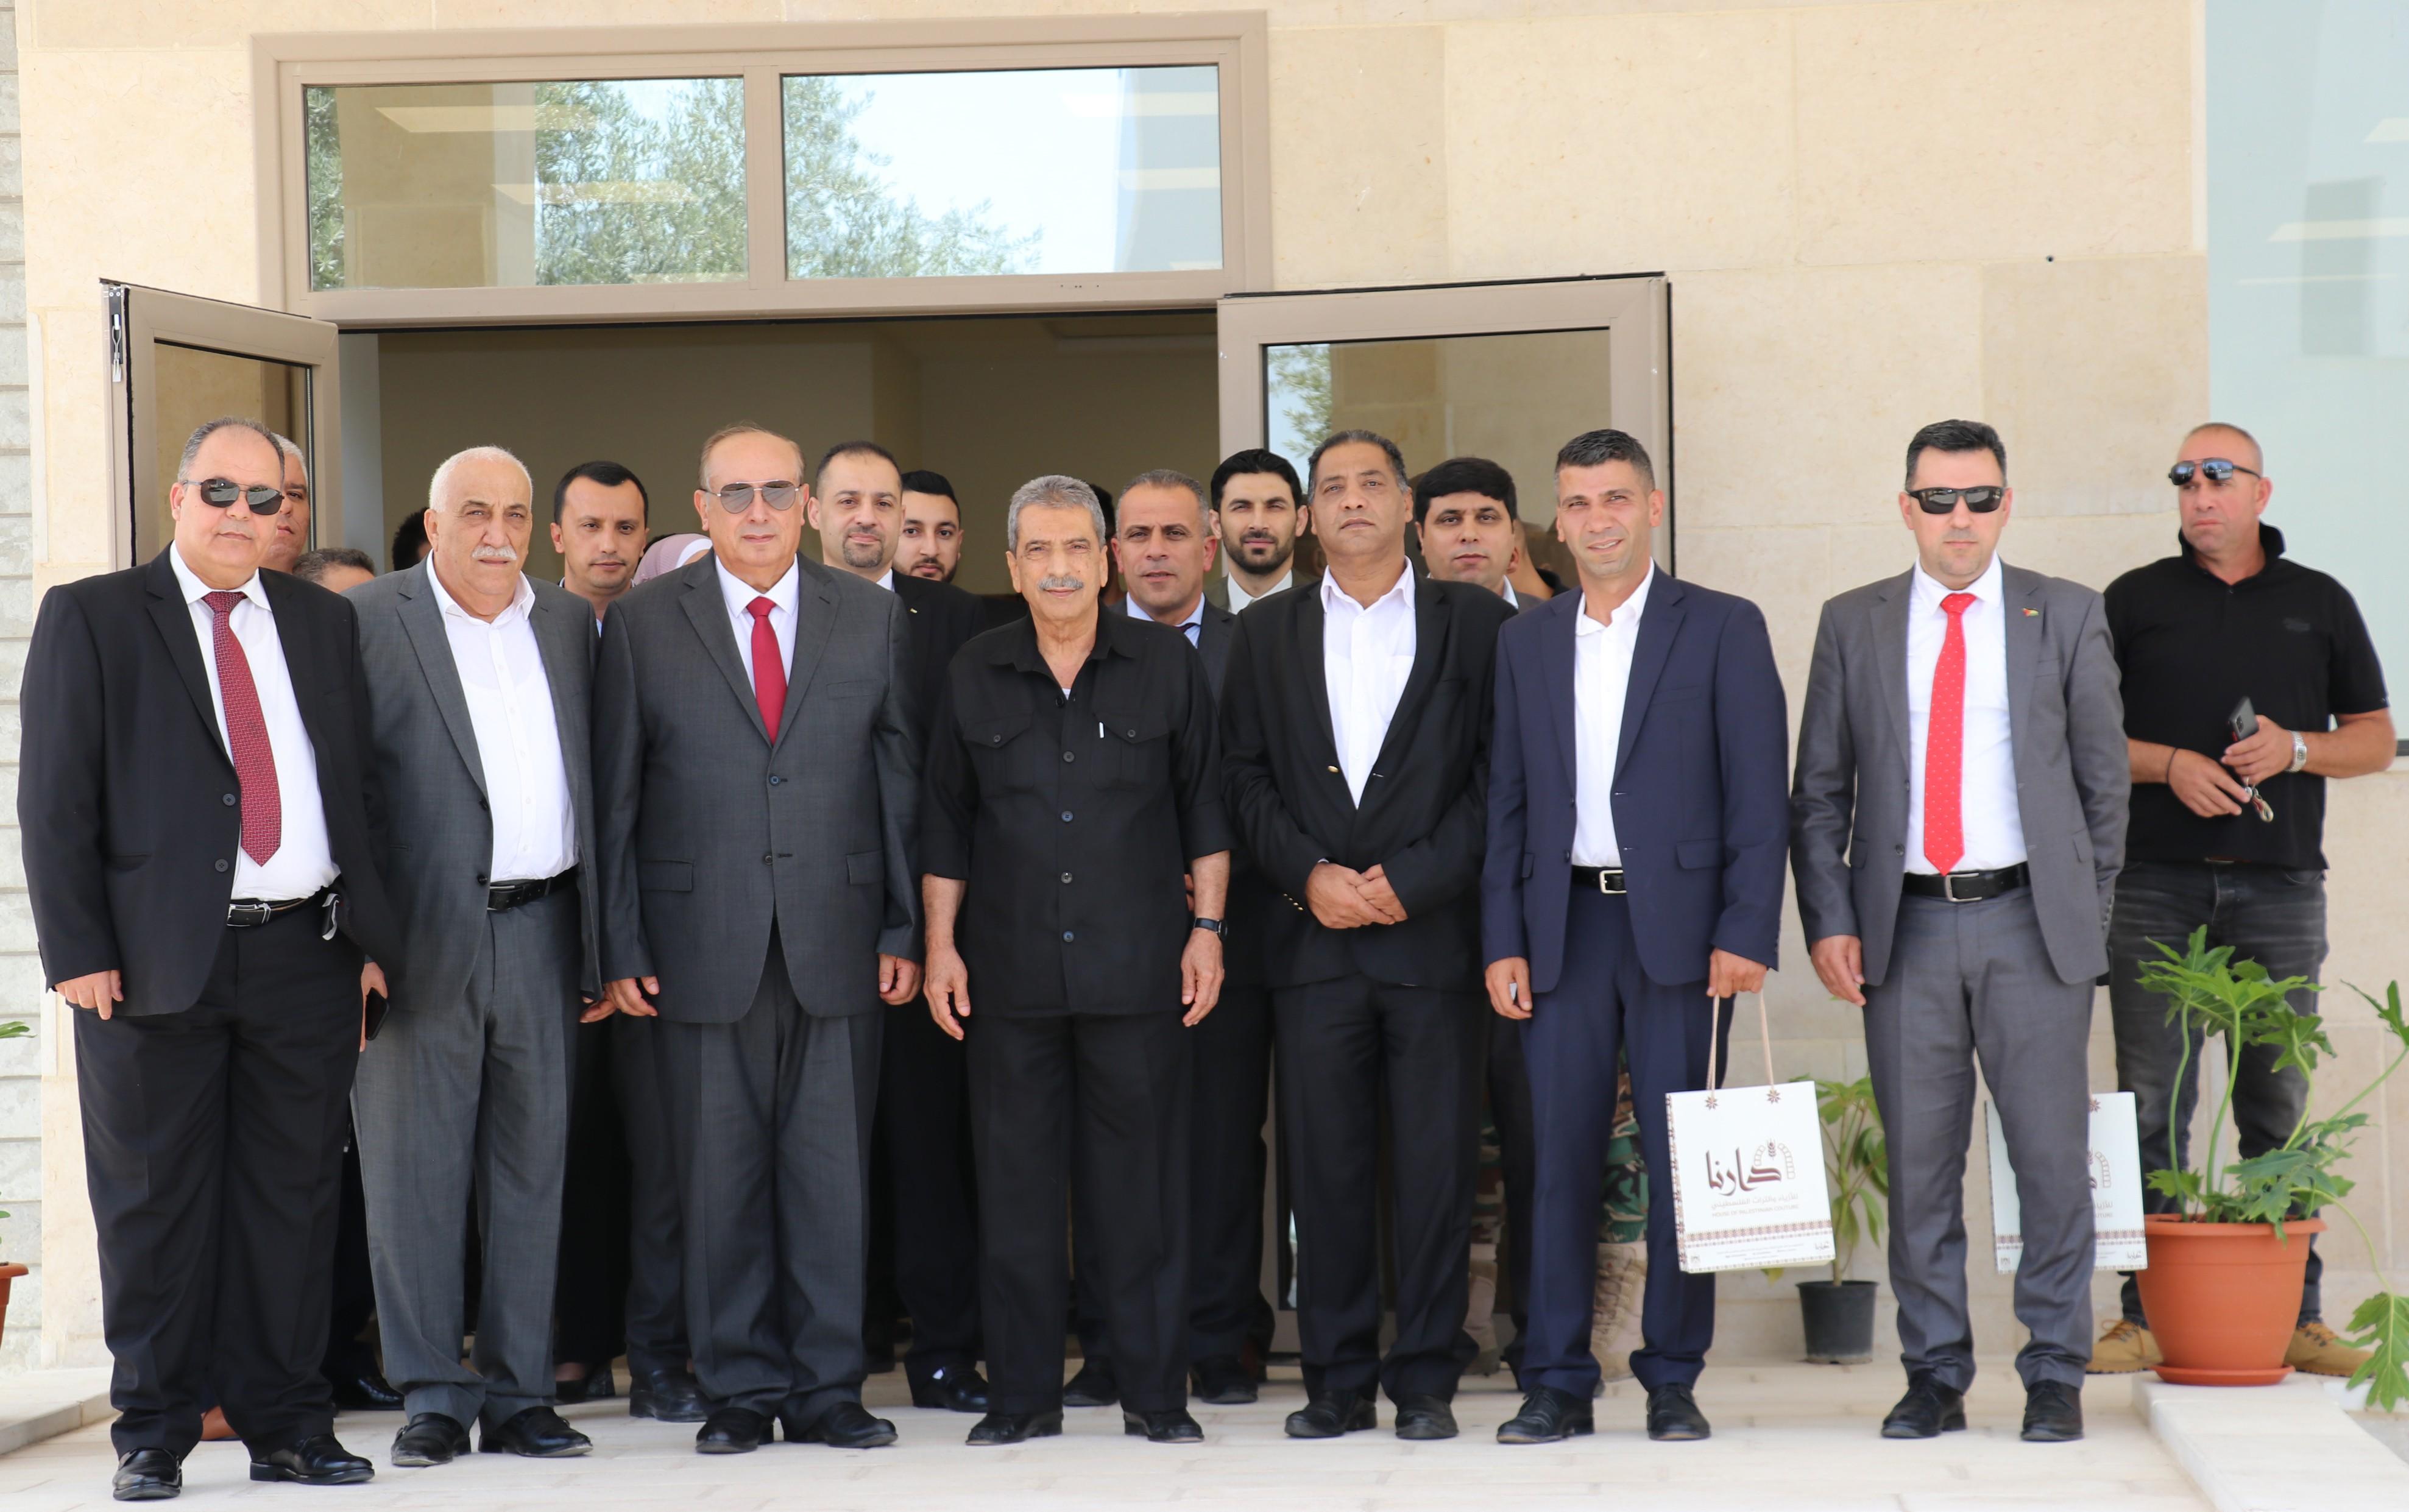 أبو مويس والطيراوي يفتتحان كلية صائب عريقات للدراسات العليا والبحث العلمي في جامعة الاستقلال بأريحا (1).JPG